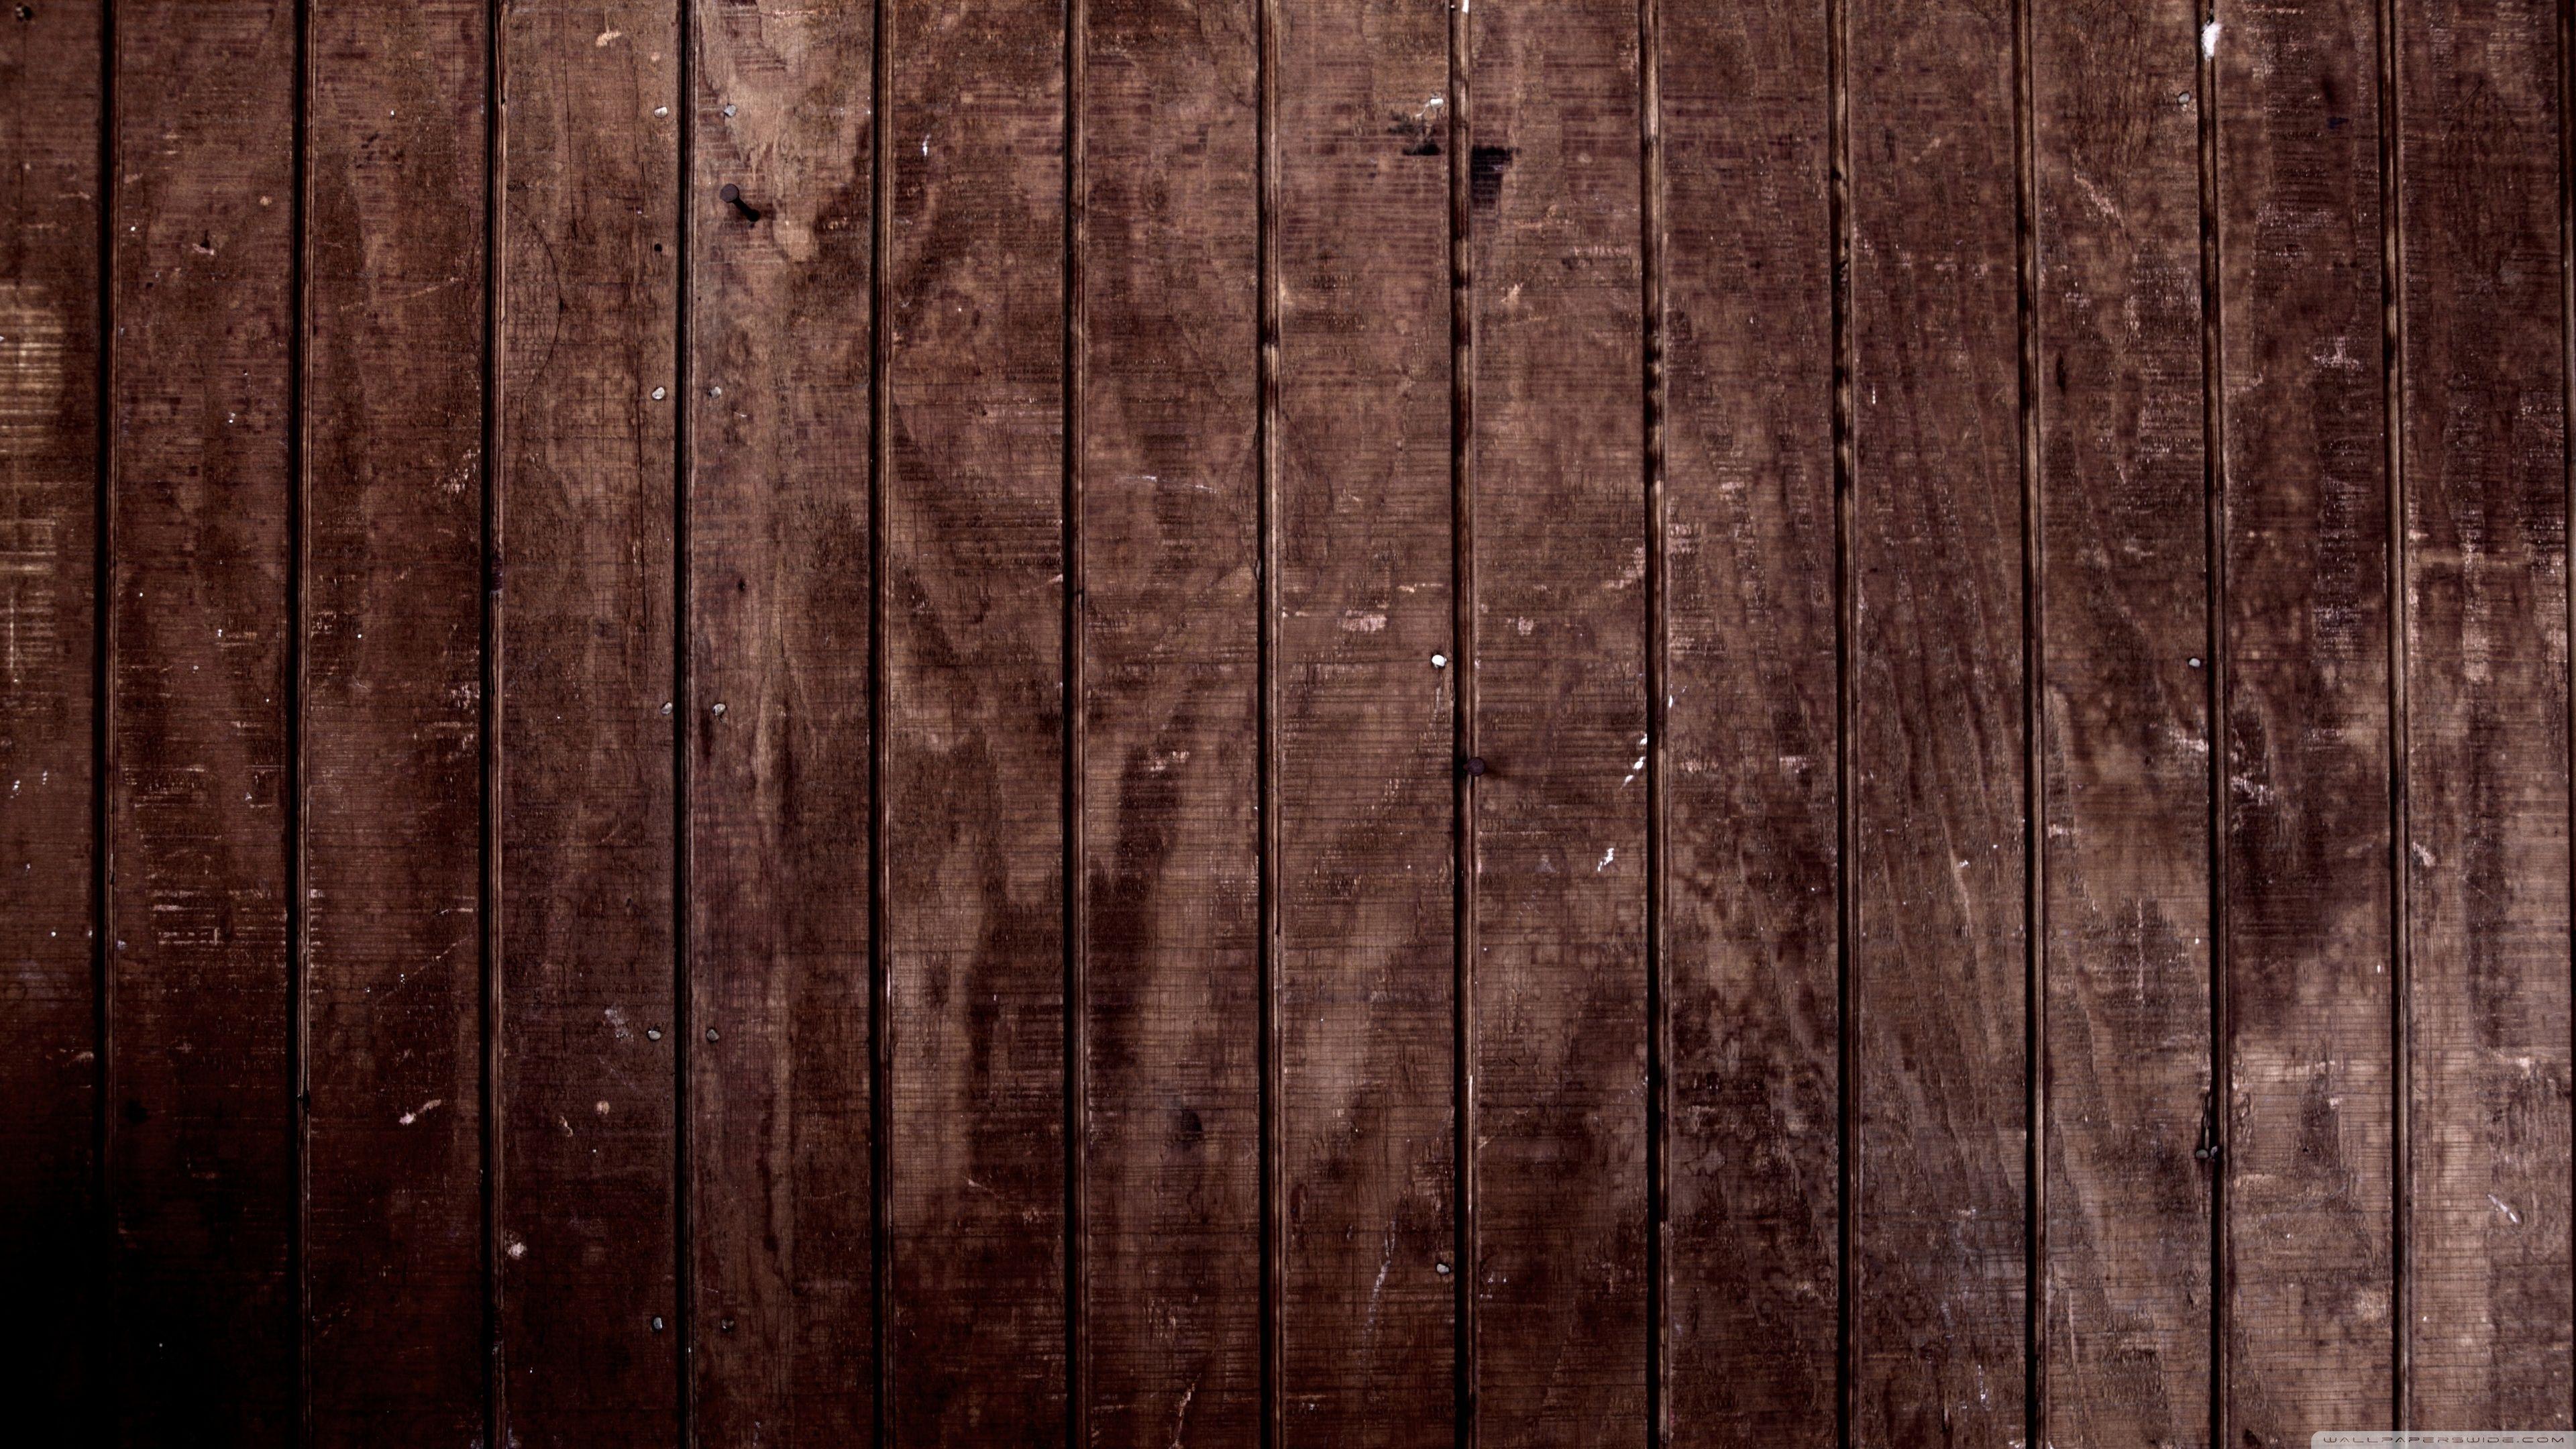 Wood 4K Wallpapers - Top Free Wood 4K